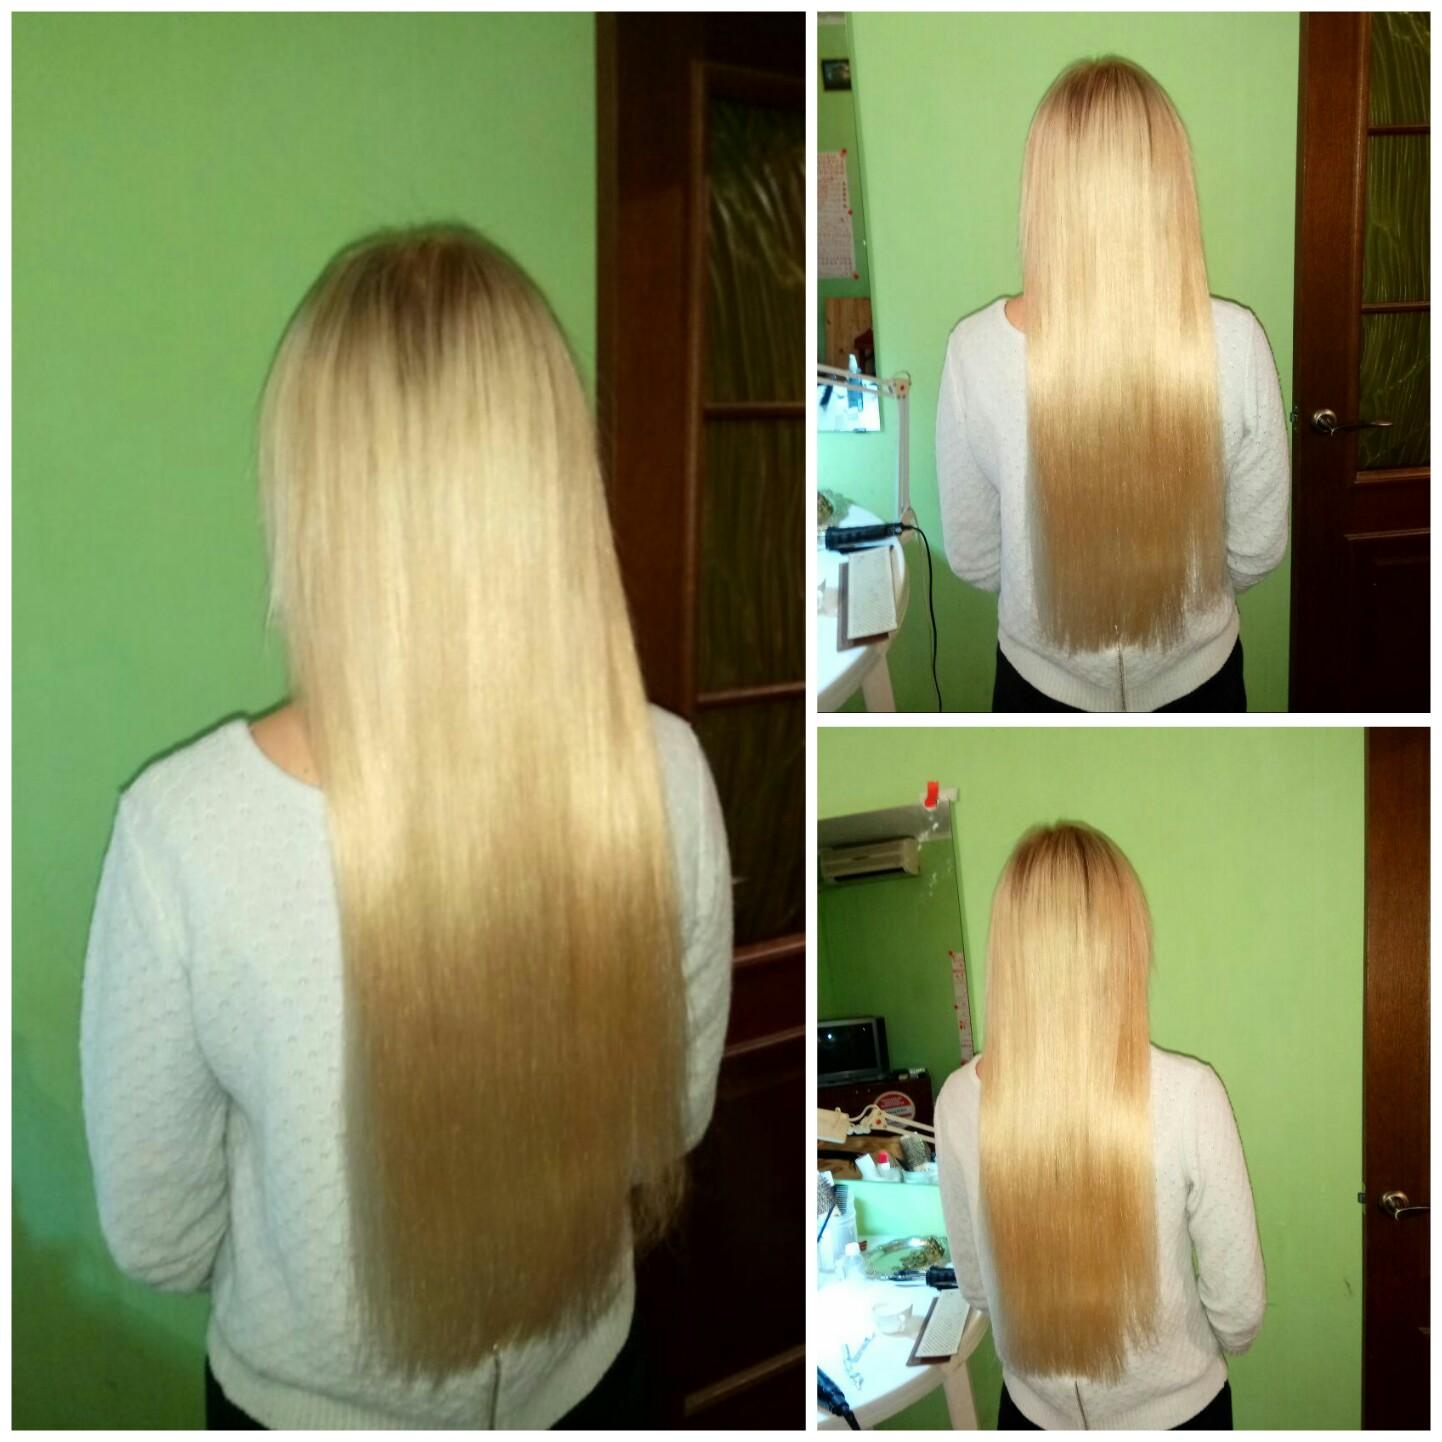 Наращивание волос в красногорске недорого